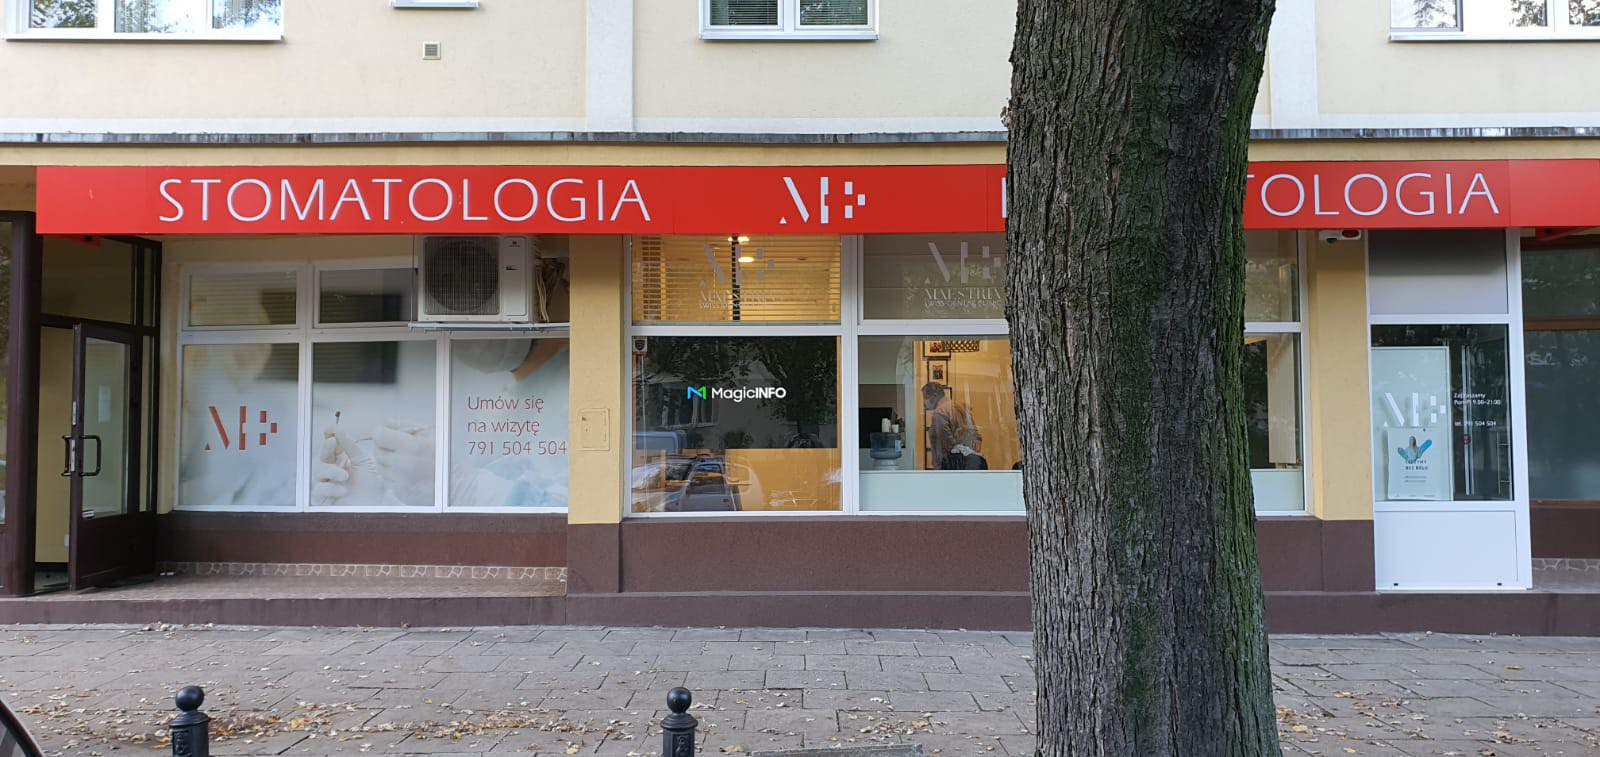 stomatologia-monitor-samsung-digital-signage